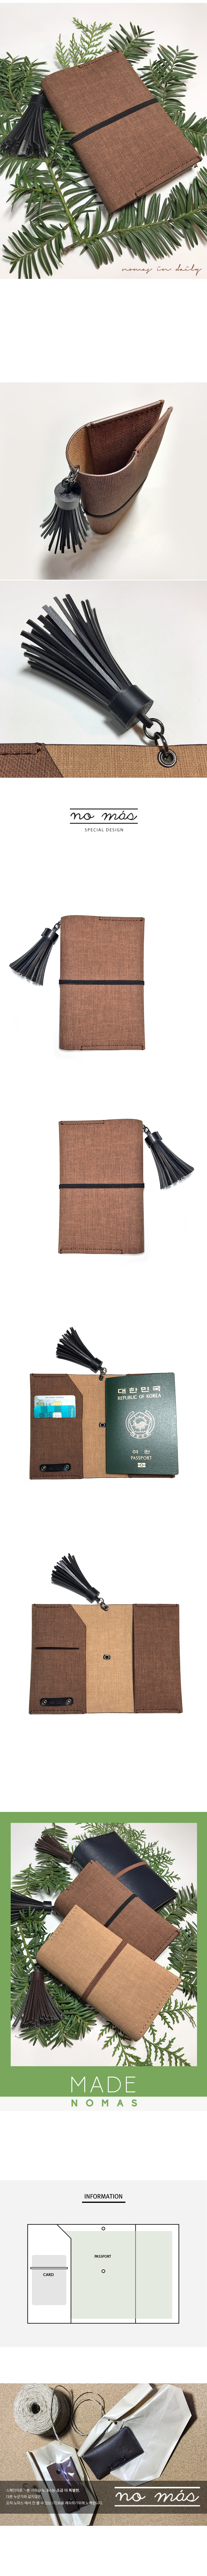 노마스(NO MAS) PASSPORT CASE (F-BROWN)